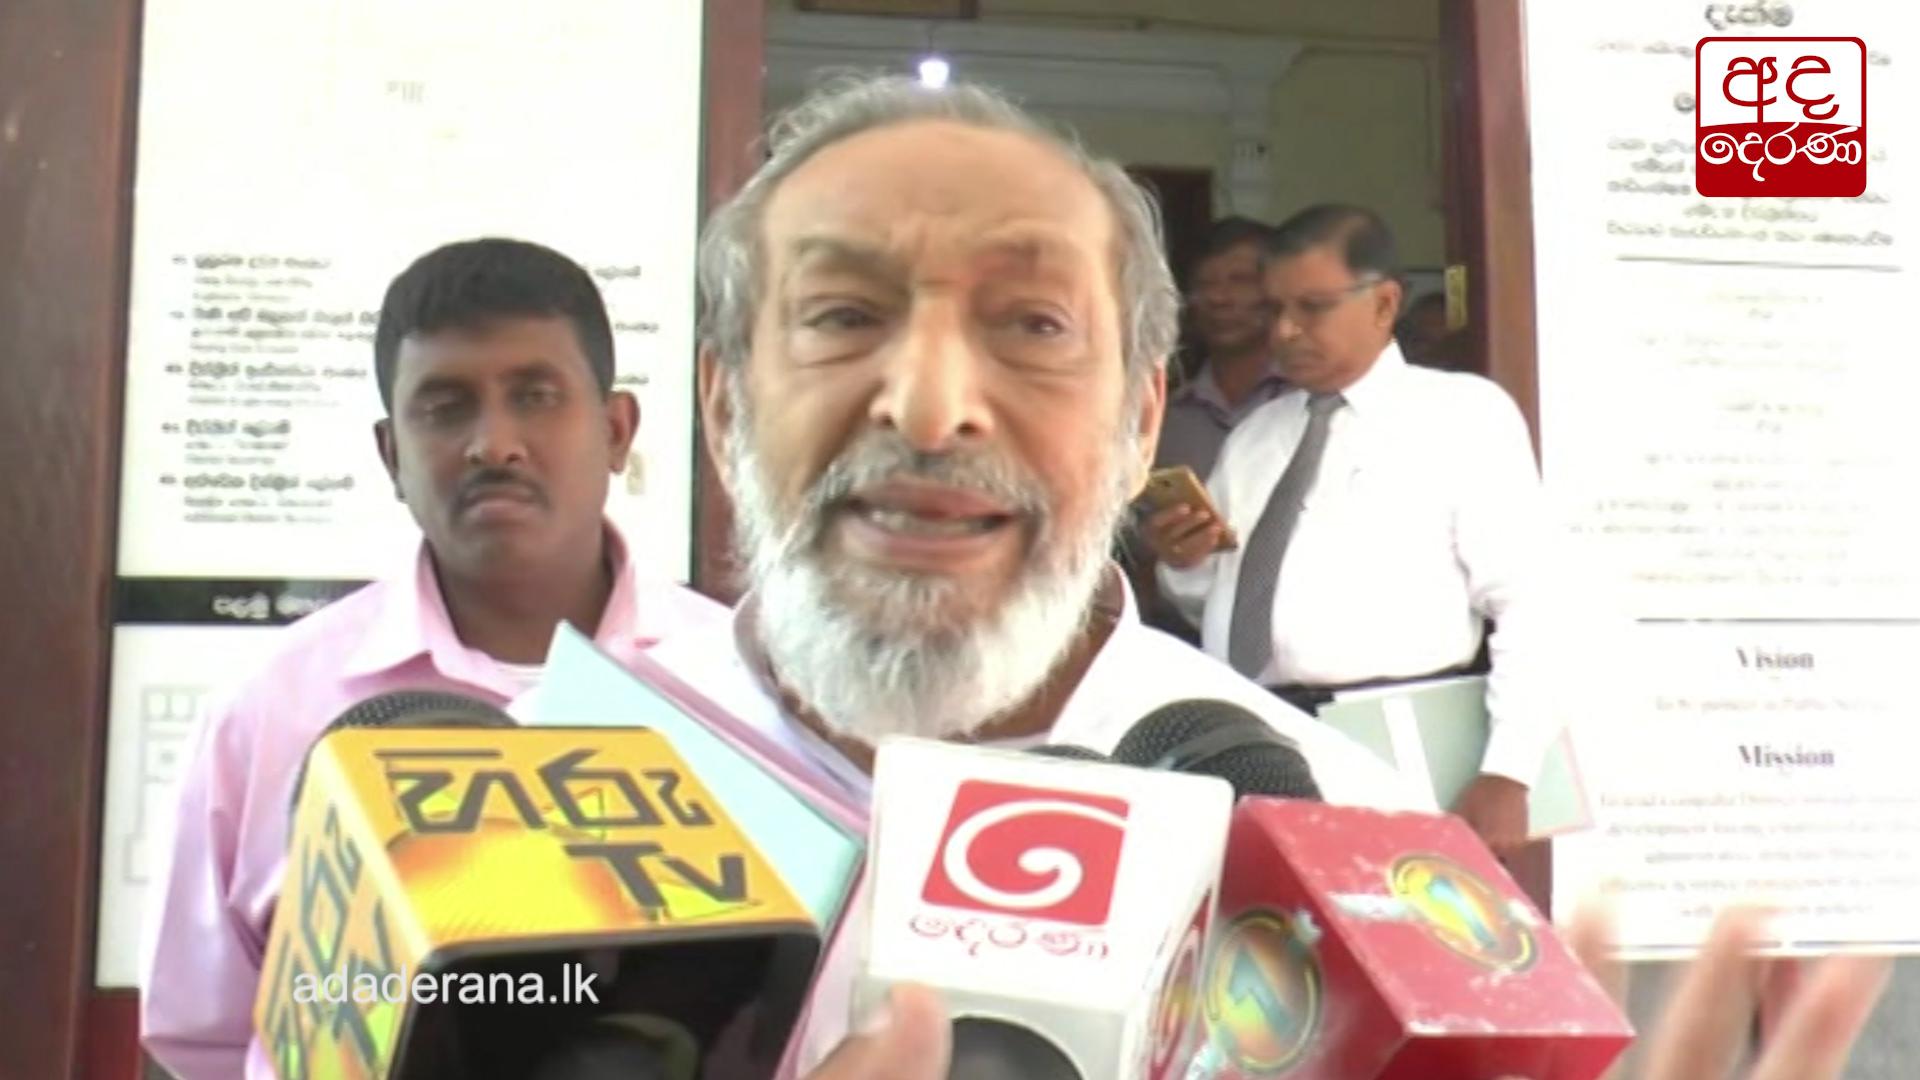 No decision taken on increasing water tariffs - Vasudeva Nanayakkara